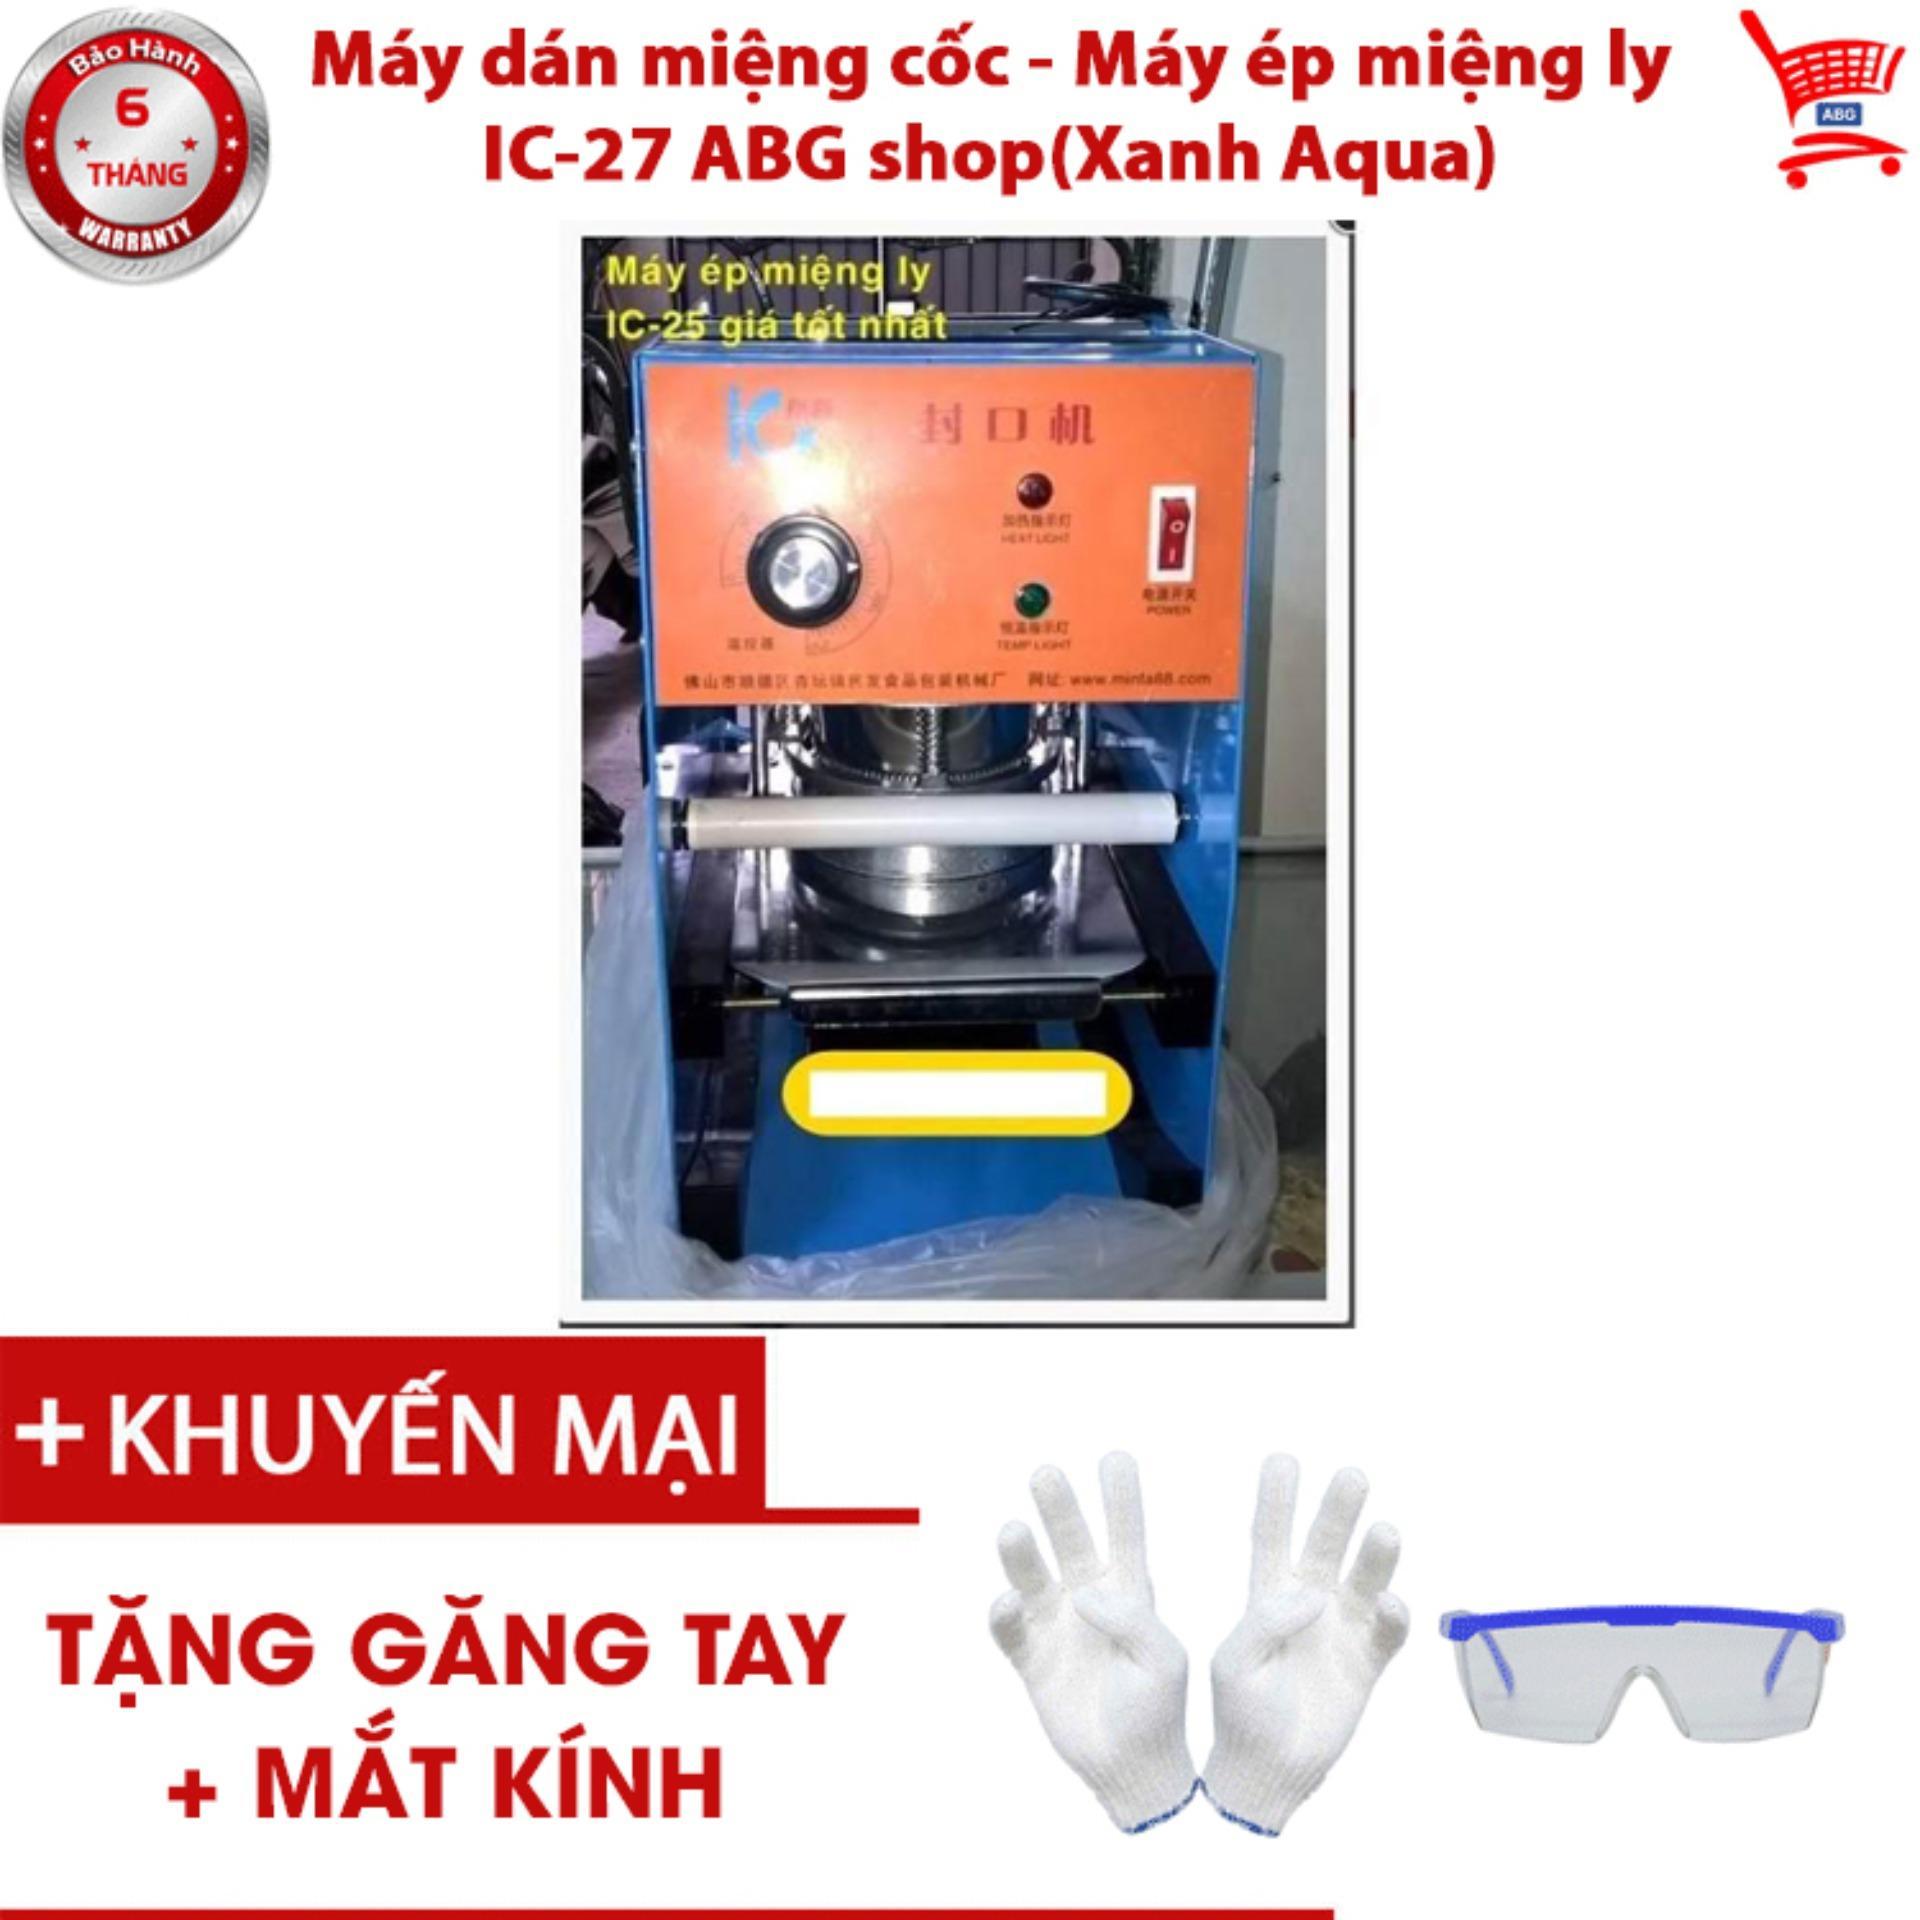 Máy dán miệng cốc - Máy ép miệng ly IC-27 ABG shop